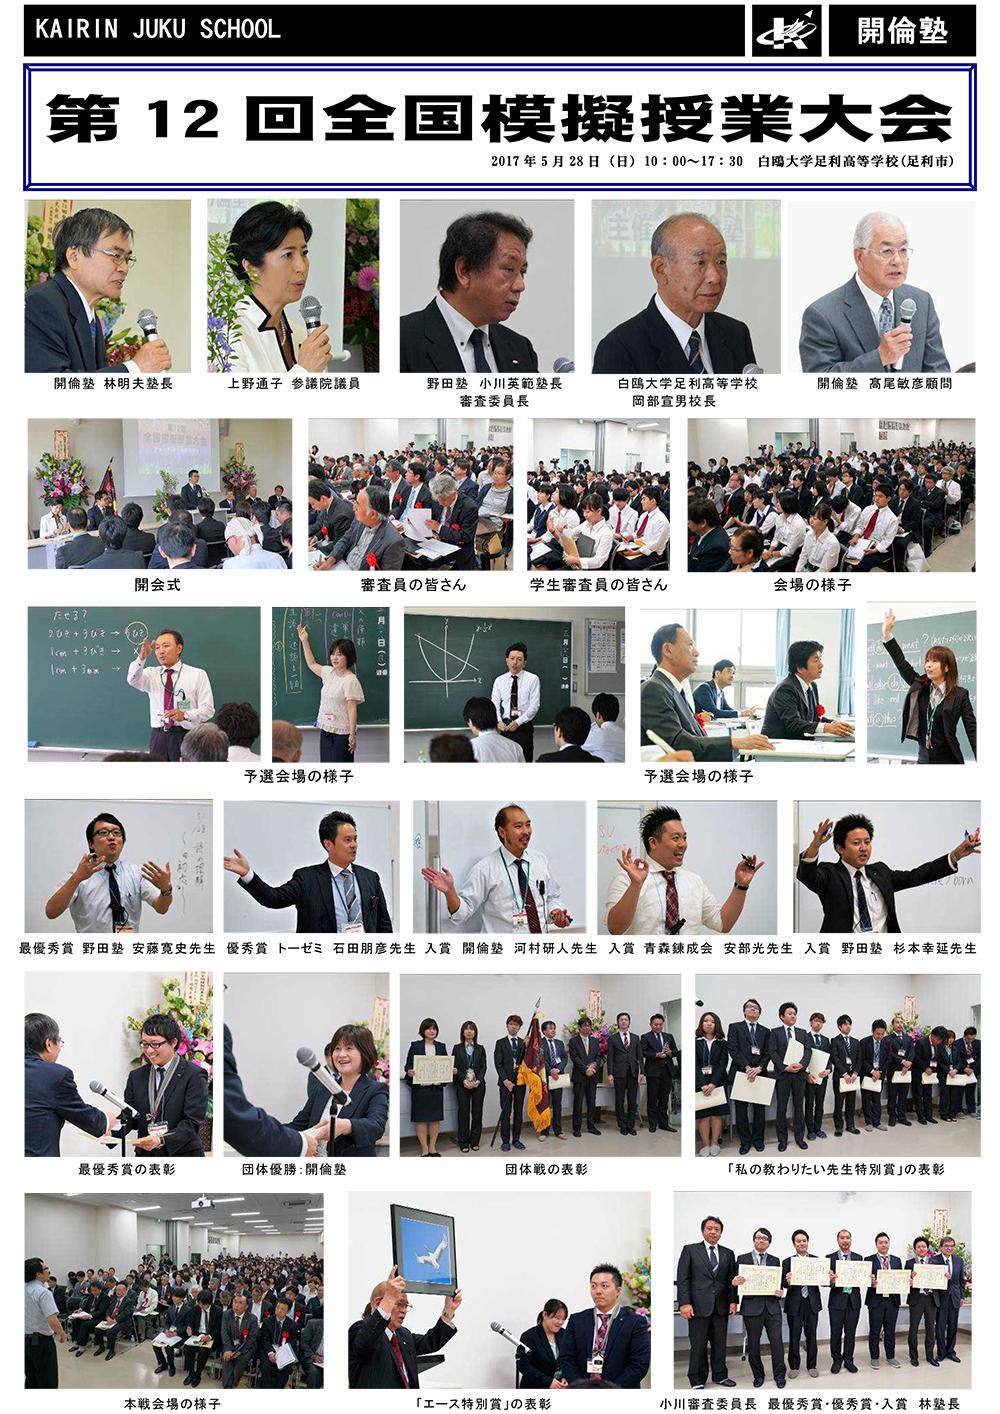 模擬授業大会の様子2017